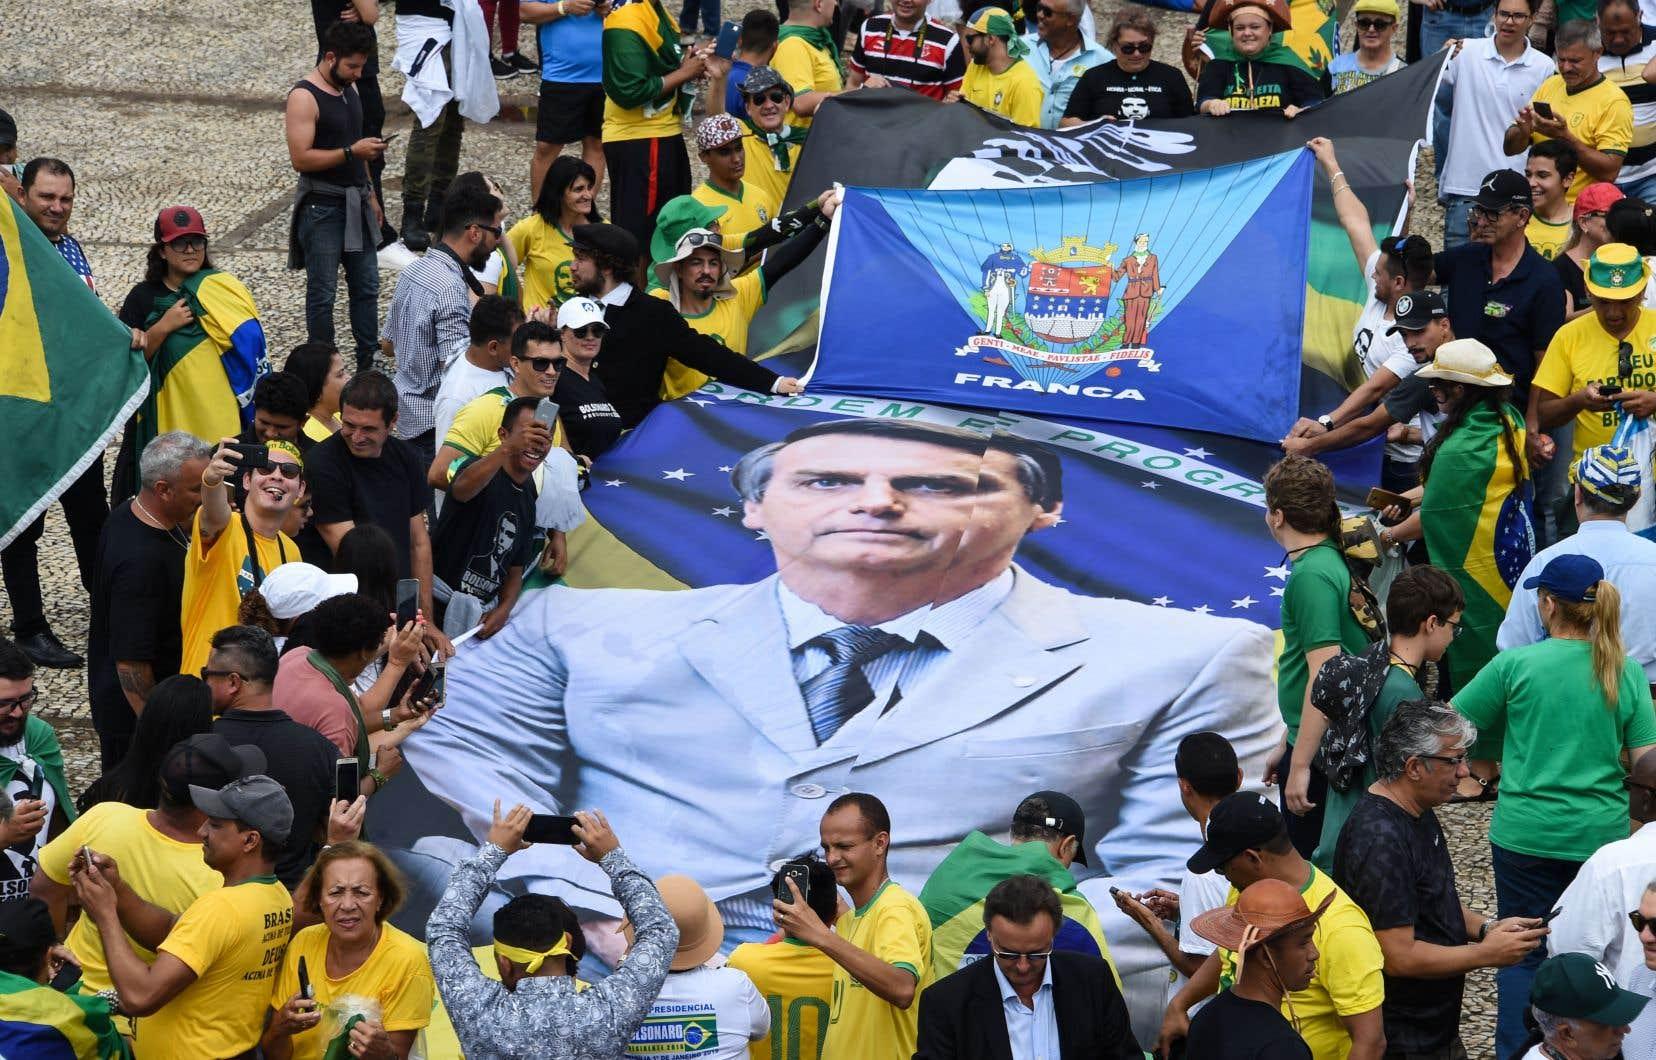 Entre 250000 et 500000 personnes venues de tout le pays sont attendues sur l'Esplanade des ministères, un lieu emblématique où sont concentrés tous les pouvoirs de Brasília.